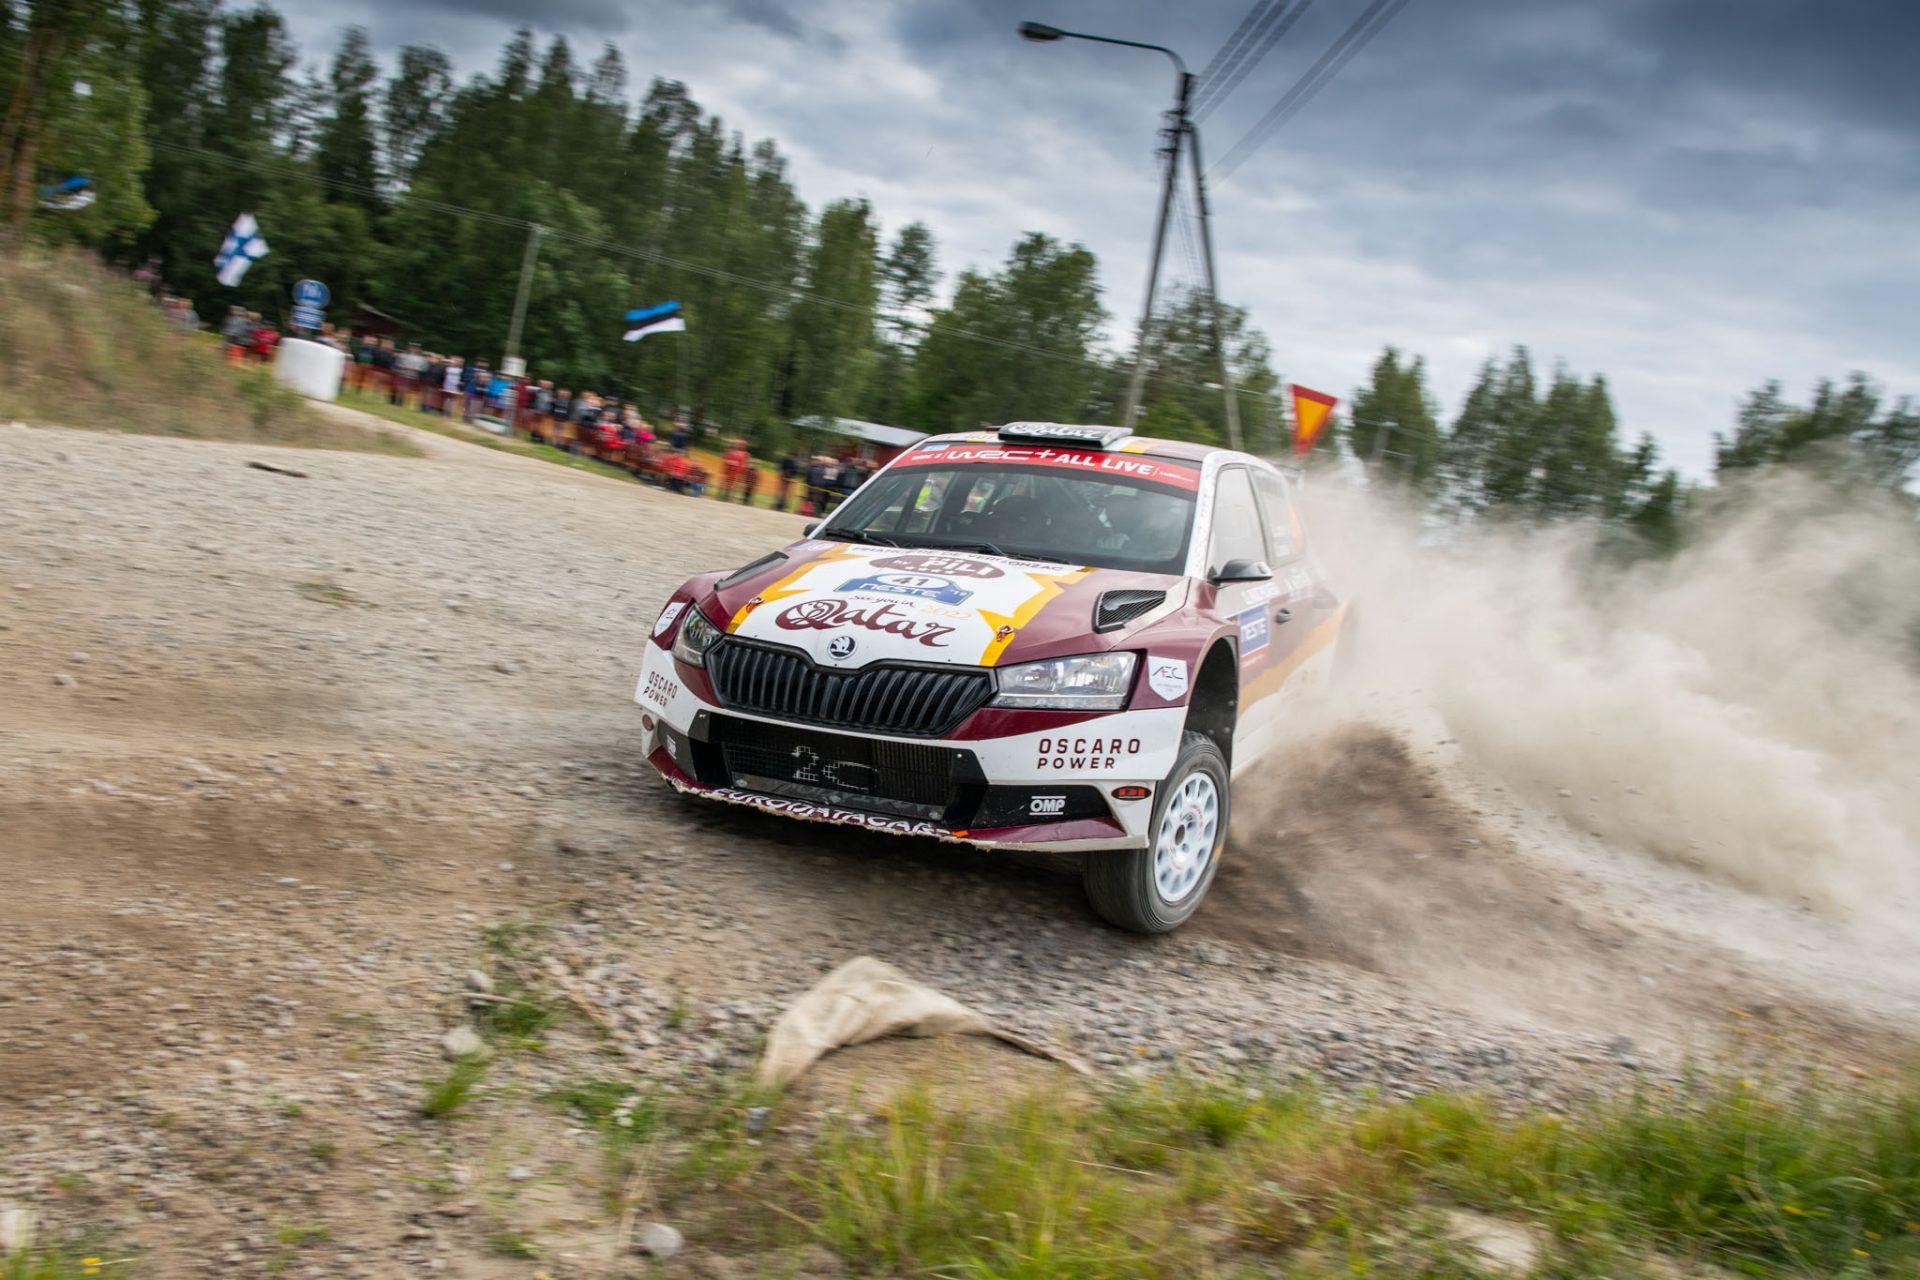 Sezóna 2020: Konec kategorie WRC 2 Pro a zjednodušení pravidel